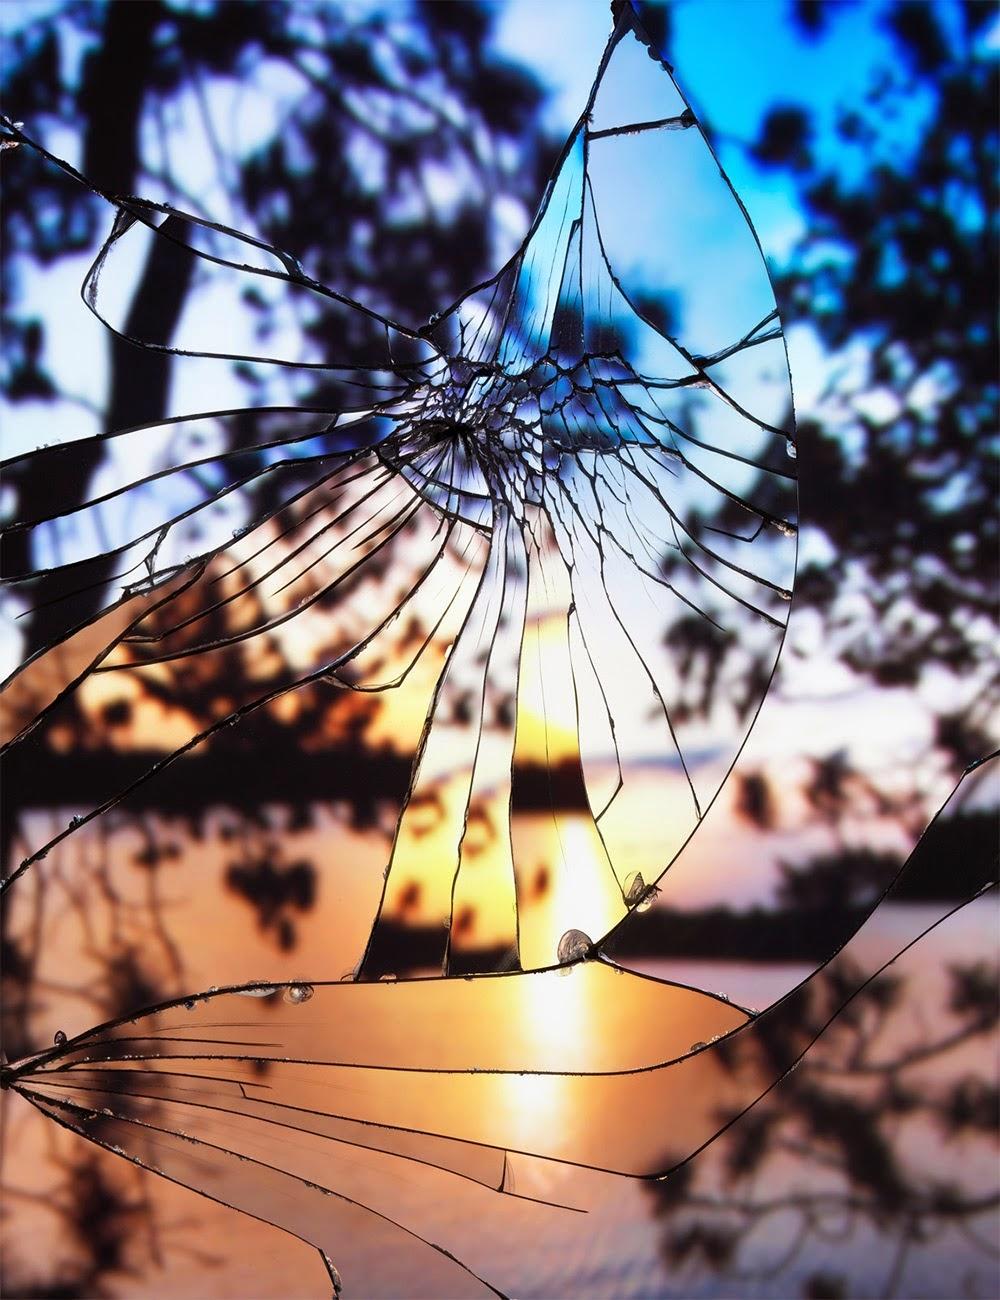 خلفيات غروب الشمس خلفيات الشاشة المكسورة نجوم سورية